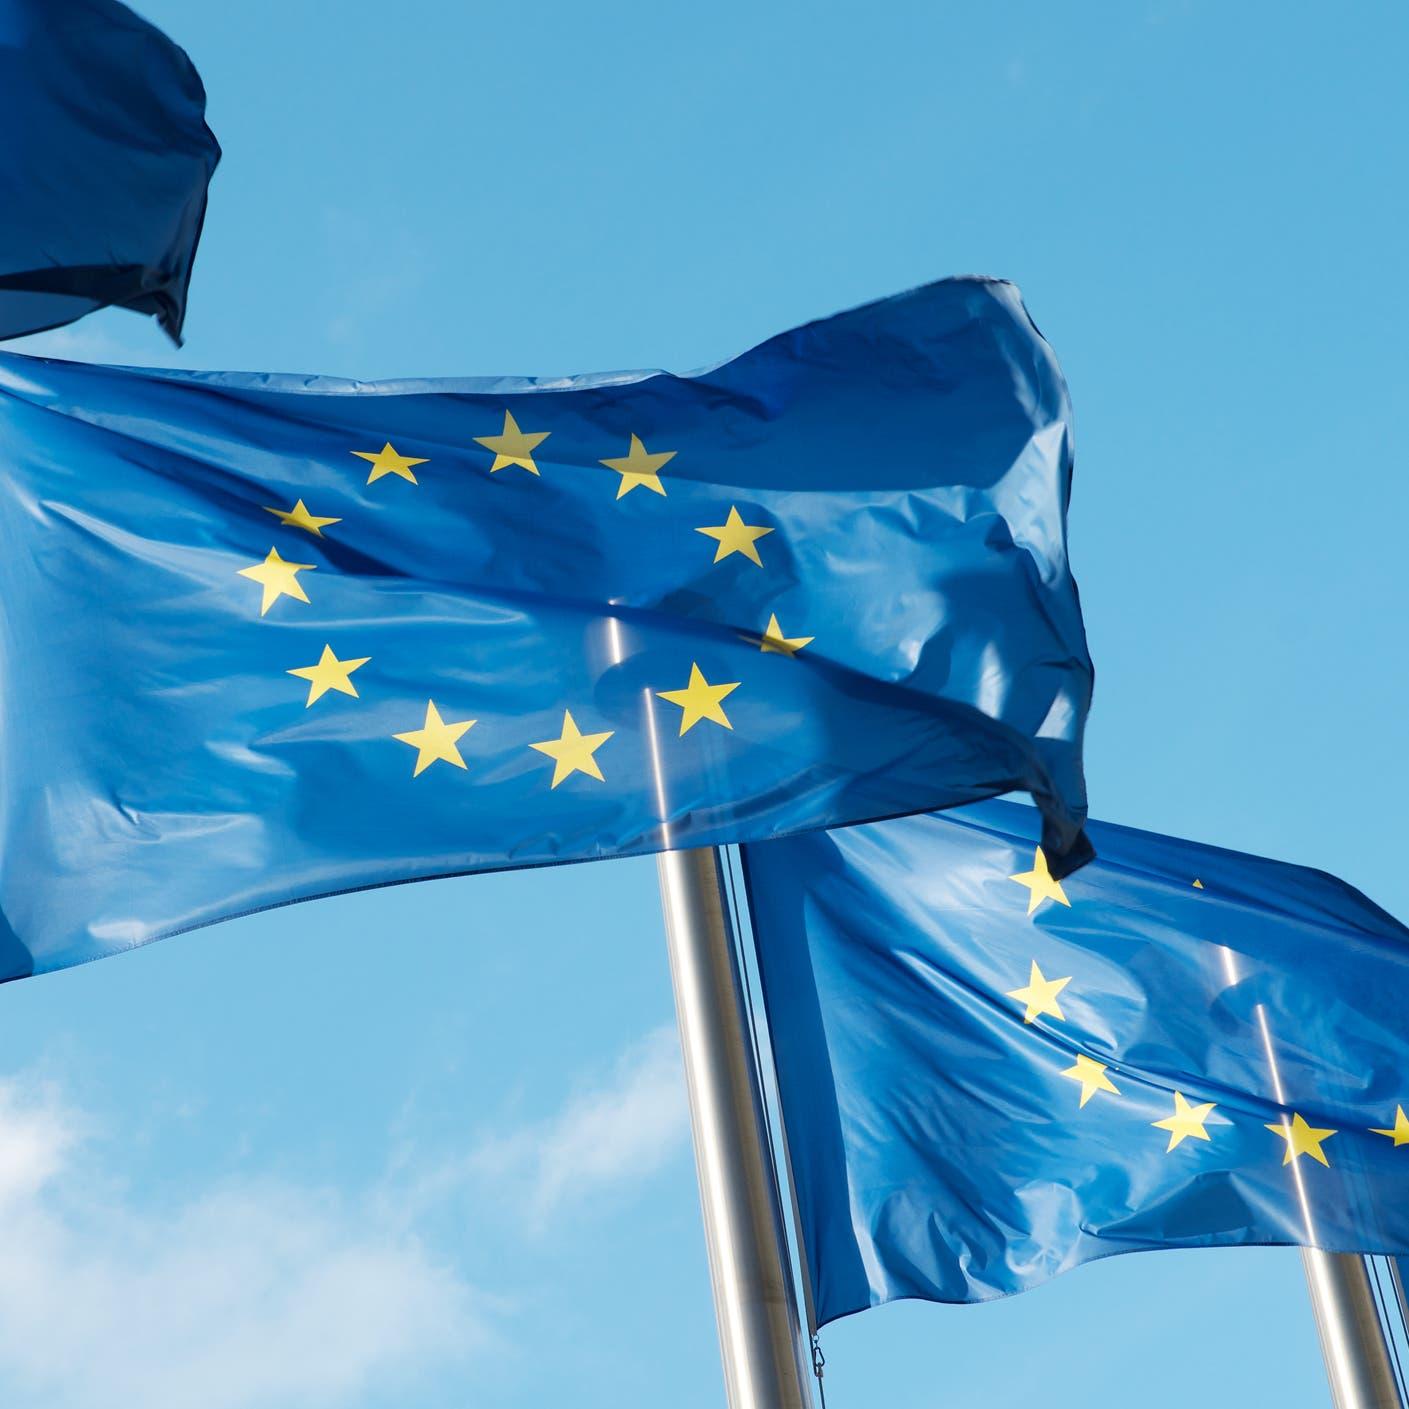 الاتحاد الأوروبي يعتزم إصدار سندات بتريليون دولار في 5 سنوات